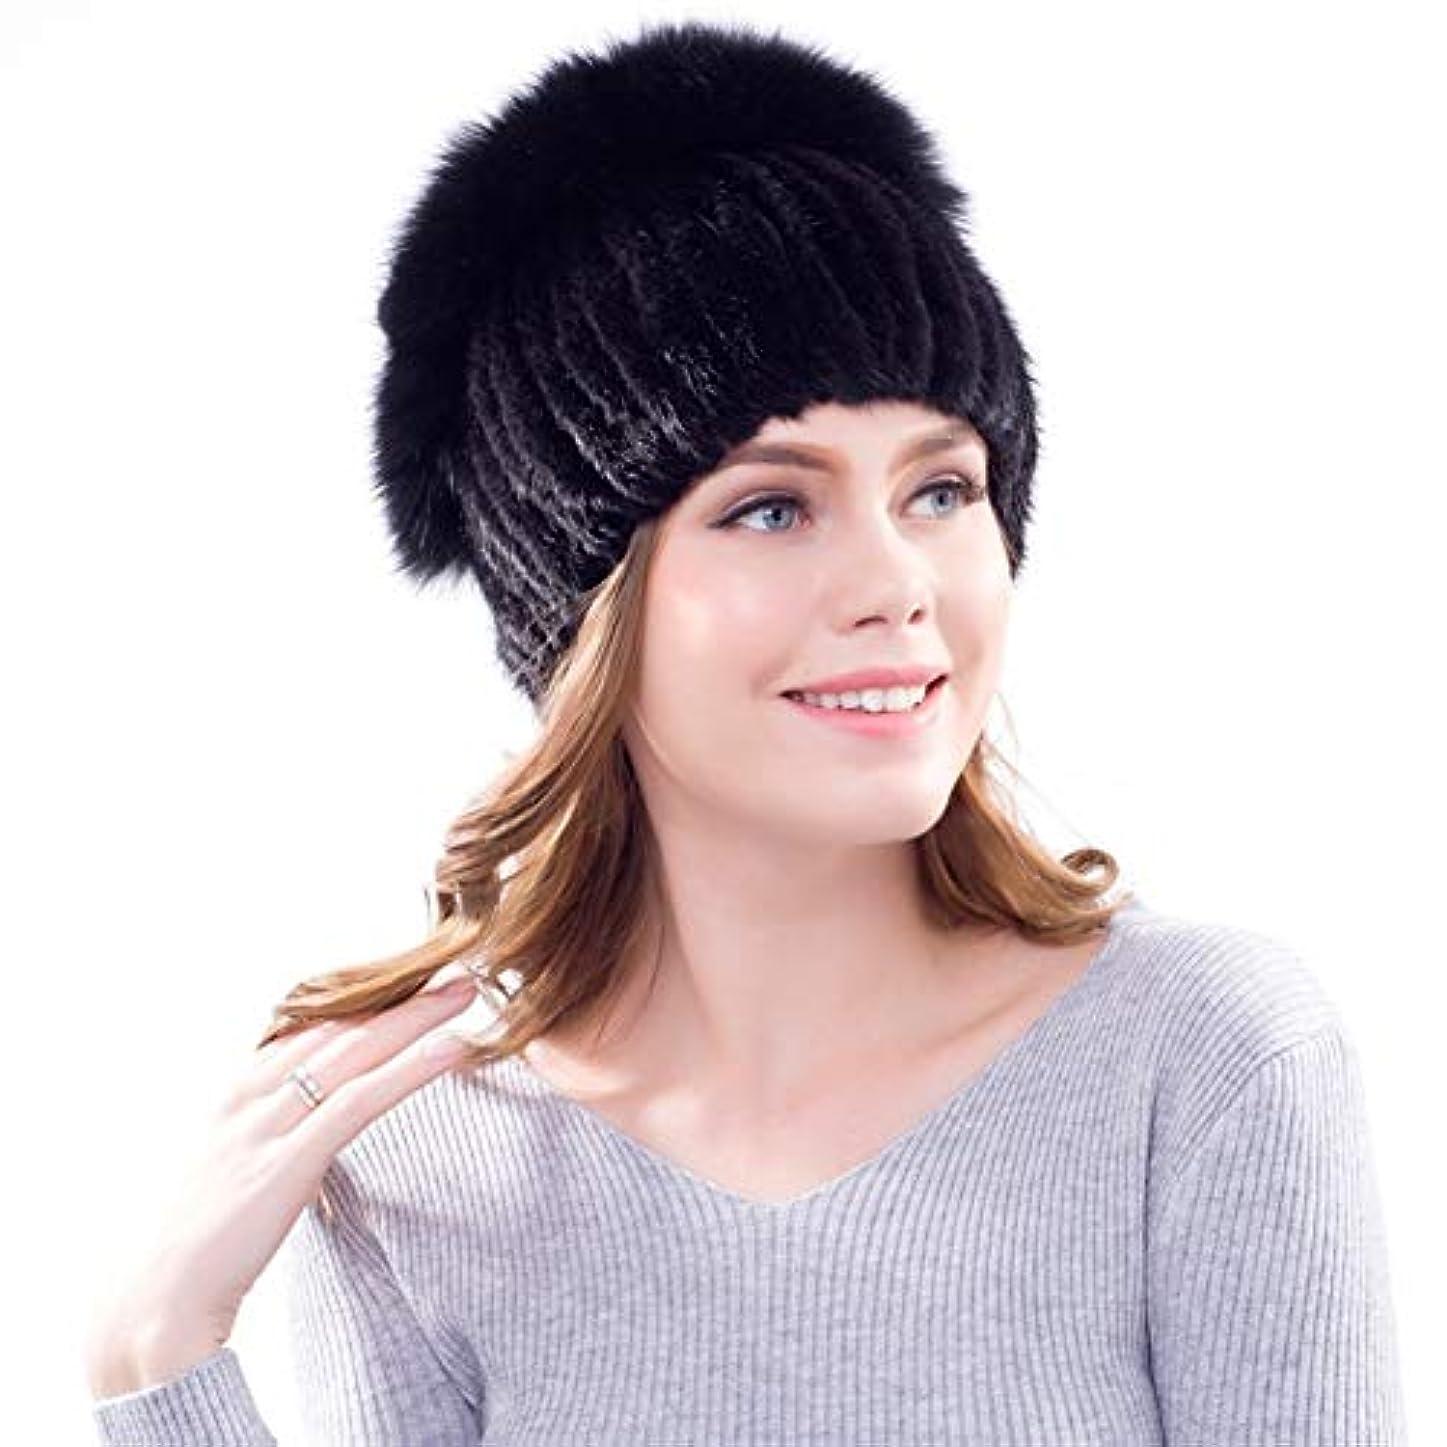 追放するに話す破滅ACAO さんの秋と冬の帽子ニットミンクの毛皮のロシア風暖かいイヤーキャップ (色 : ブラック, Size : L)